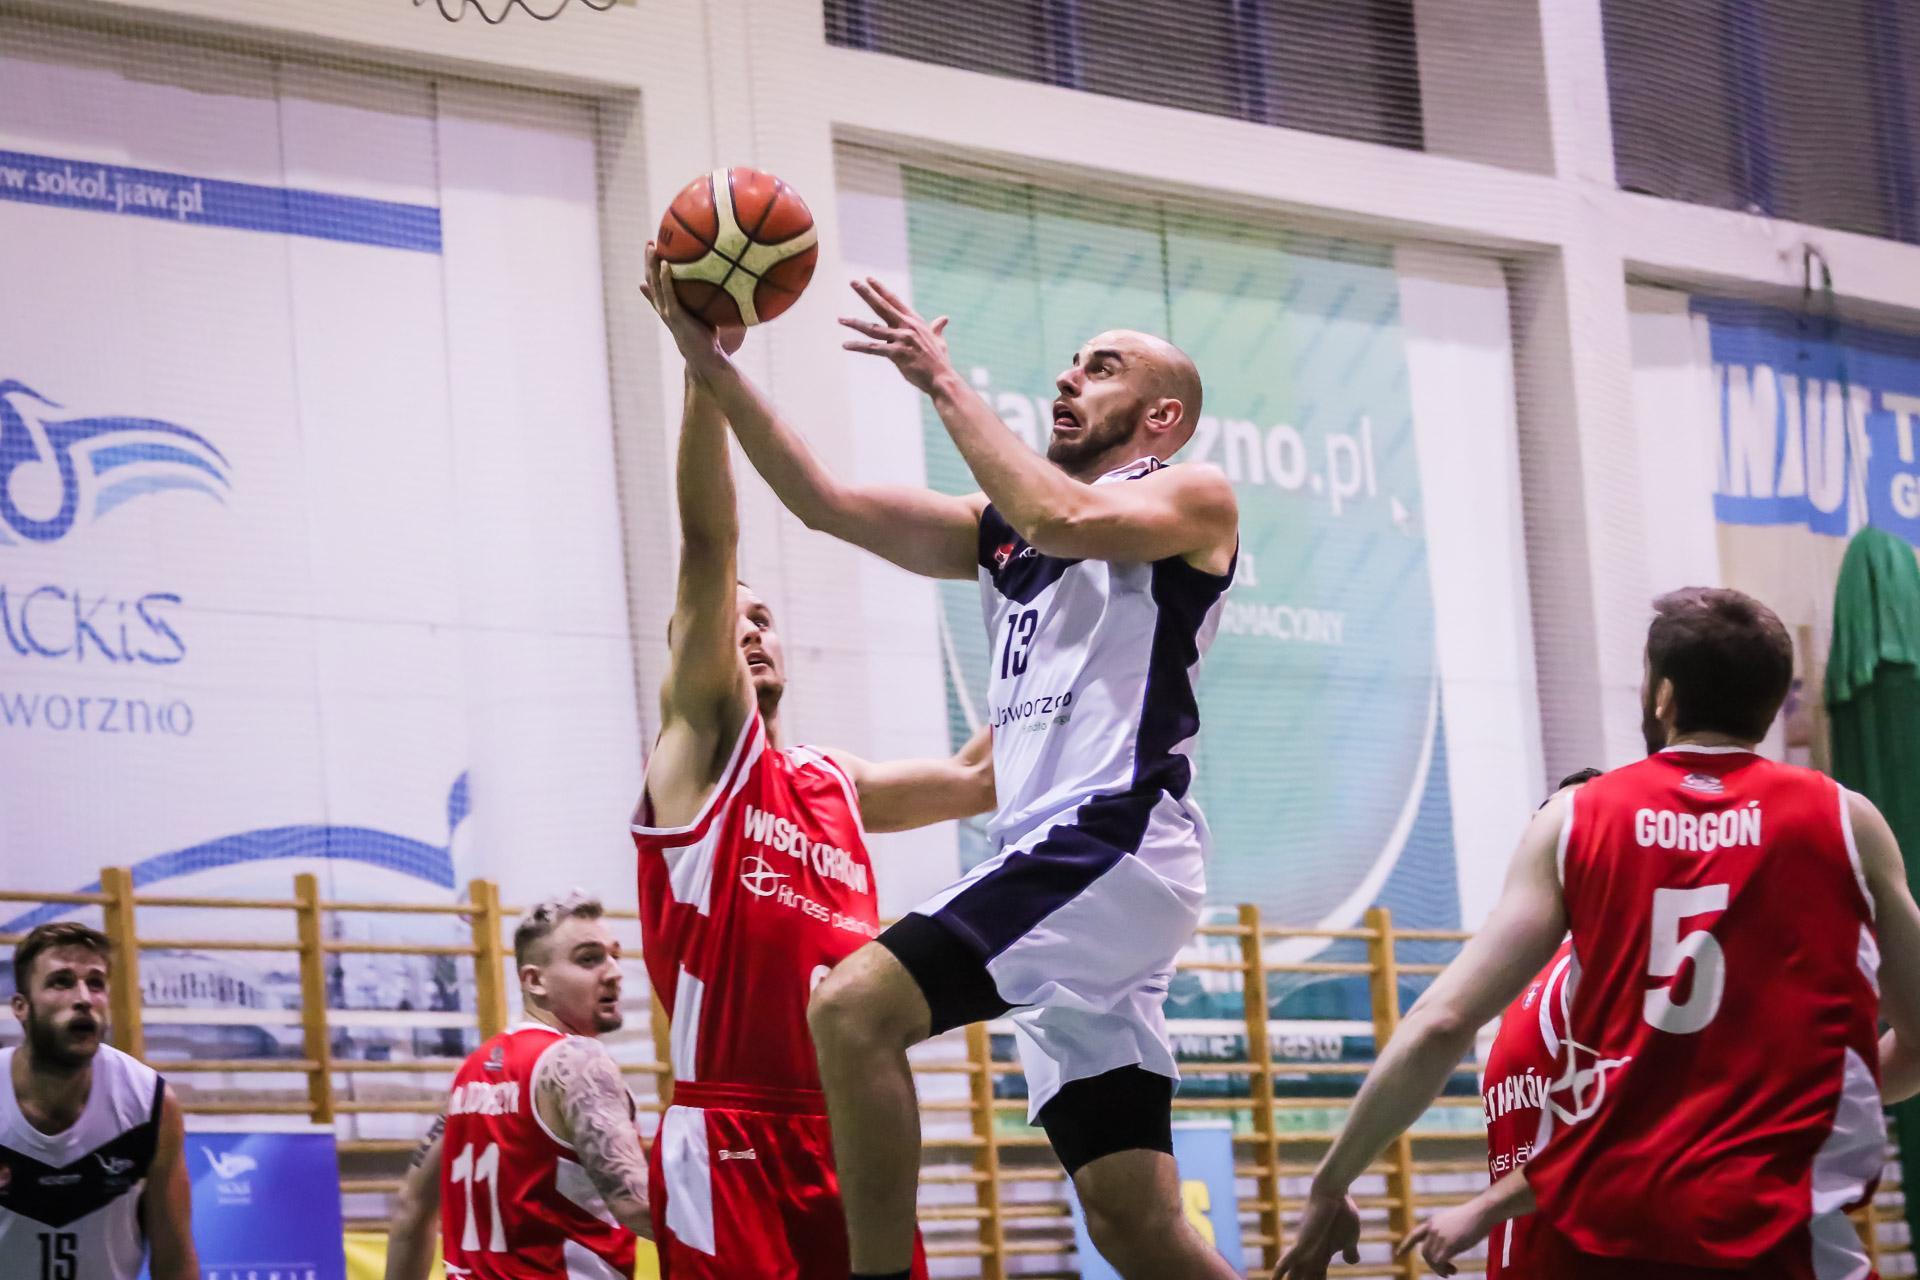 mckis-jaworzno-koszykówka-jacek-wróblewski